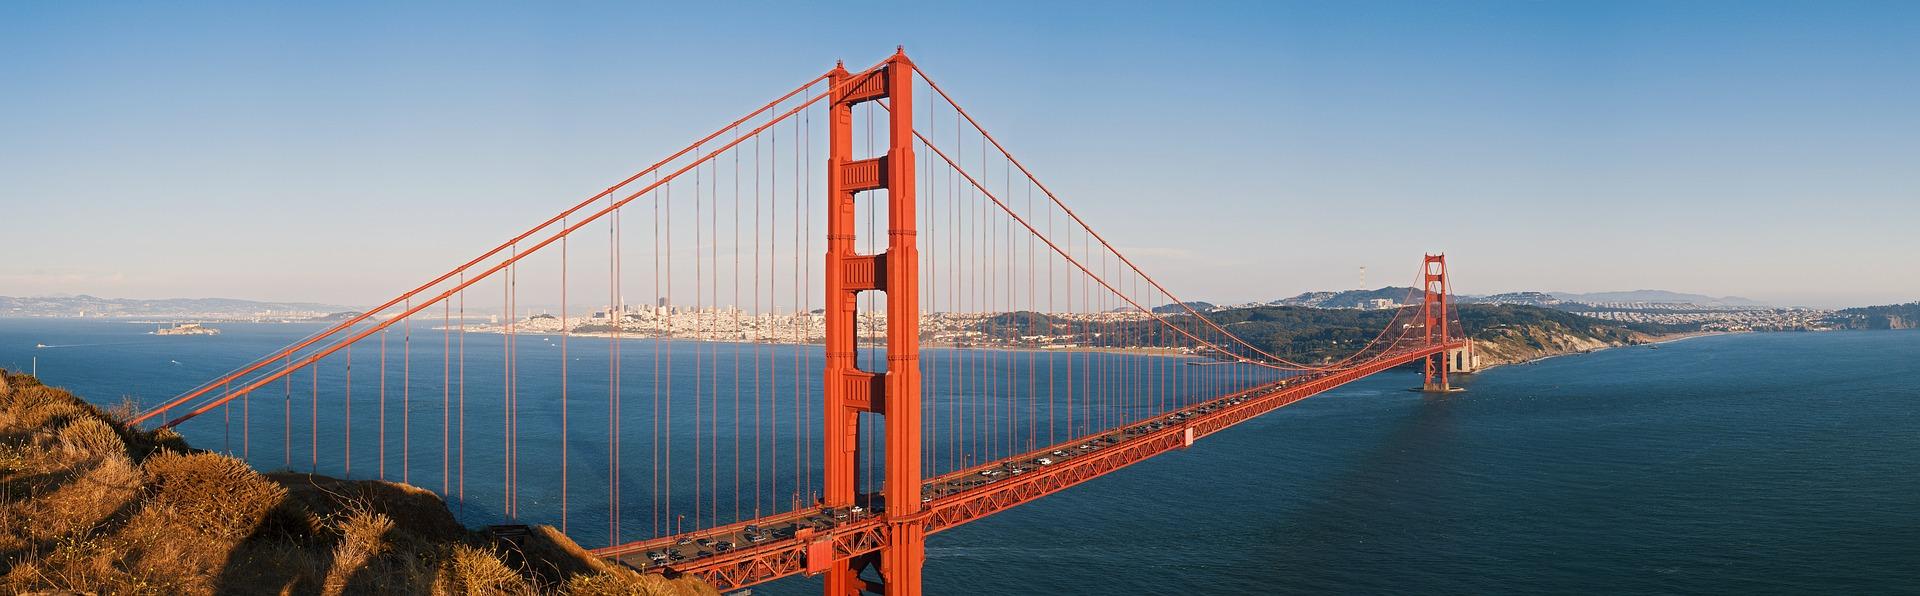 США Сан Франциско Золоті ворота